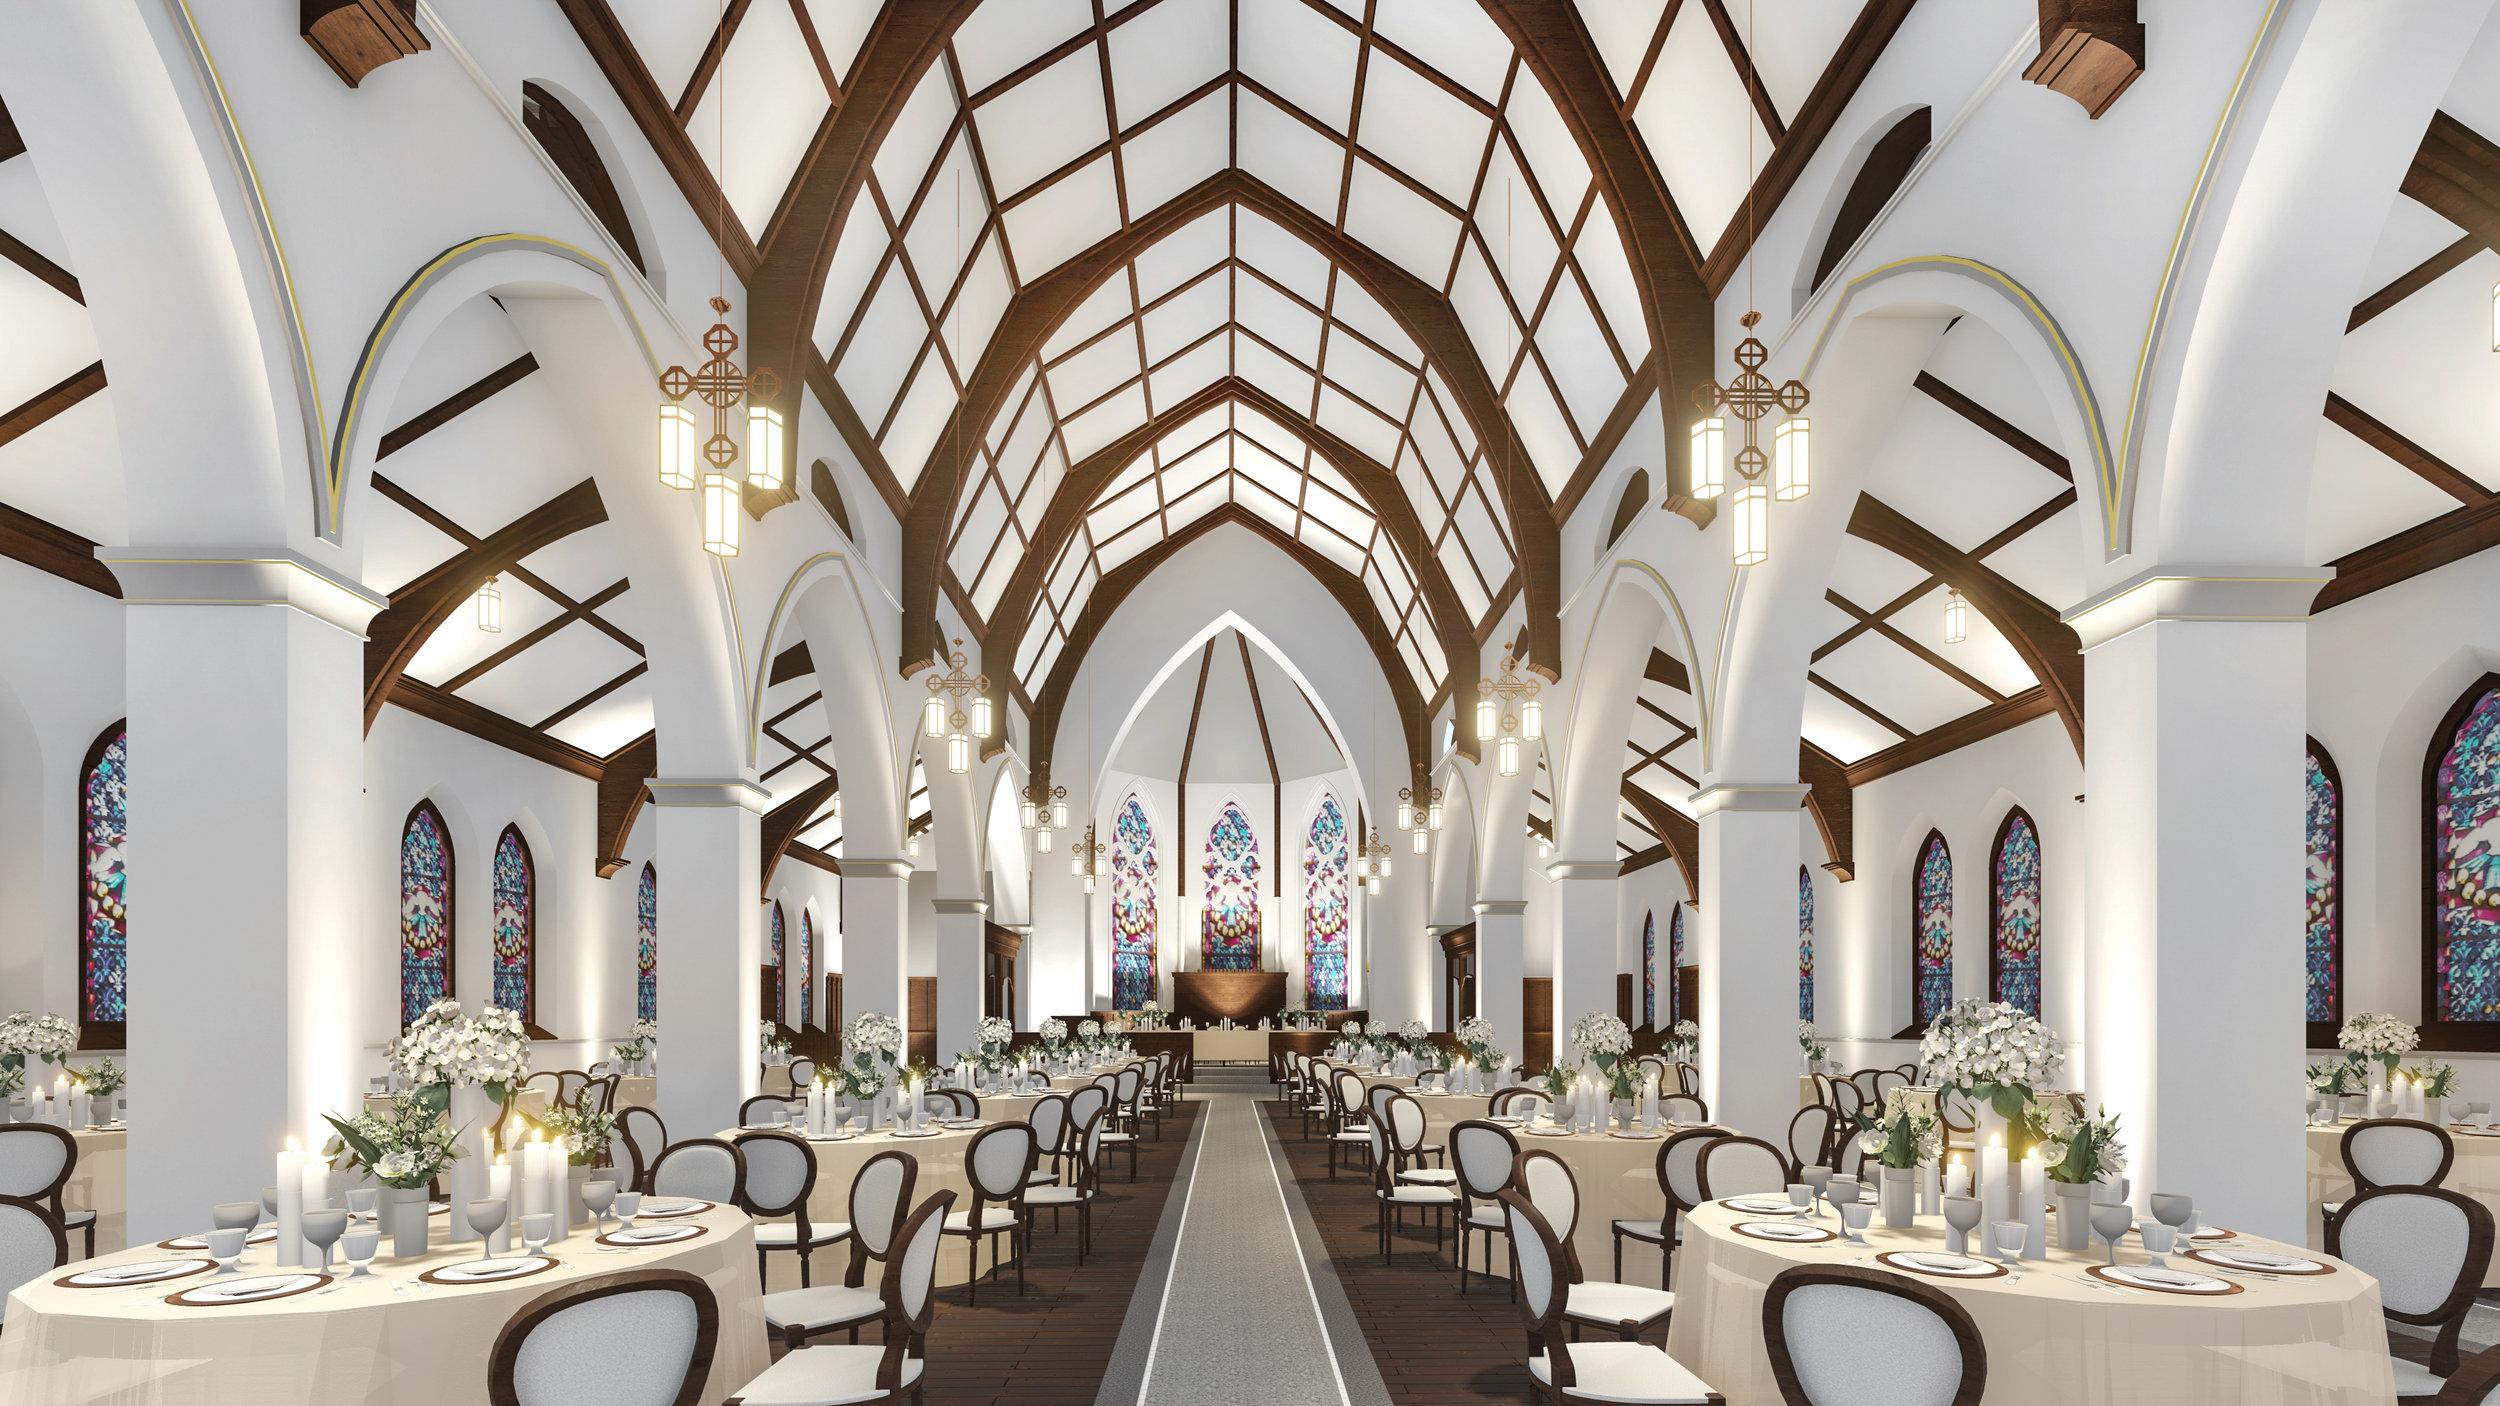 St James 1868 Milwaukee Wedding Venue.jpg